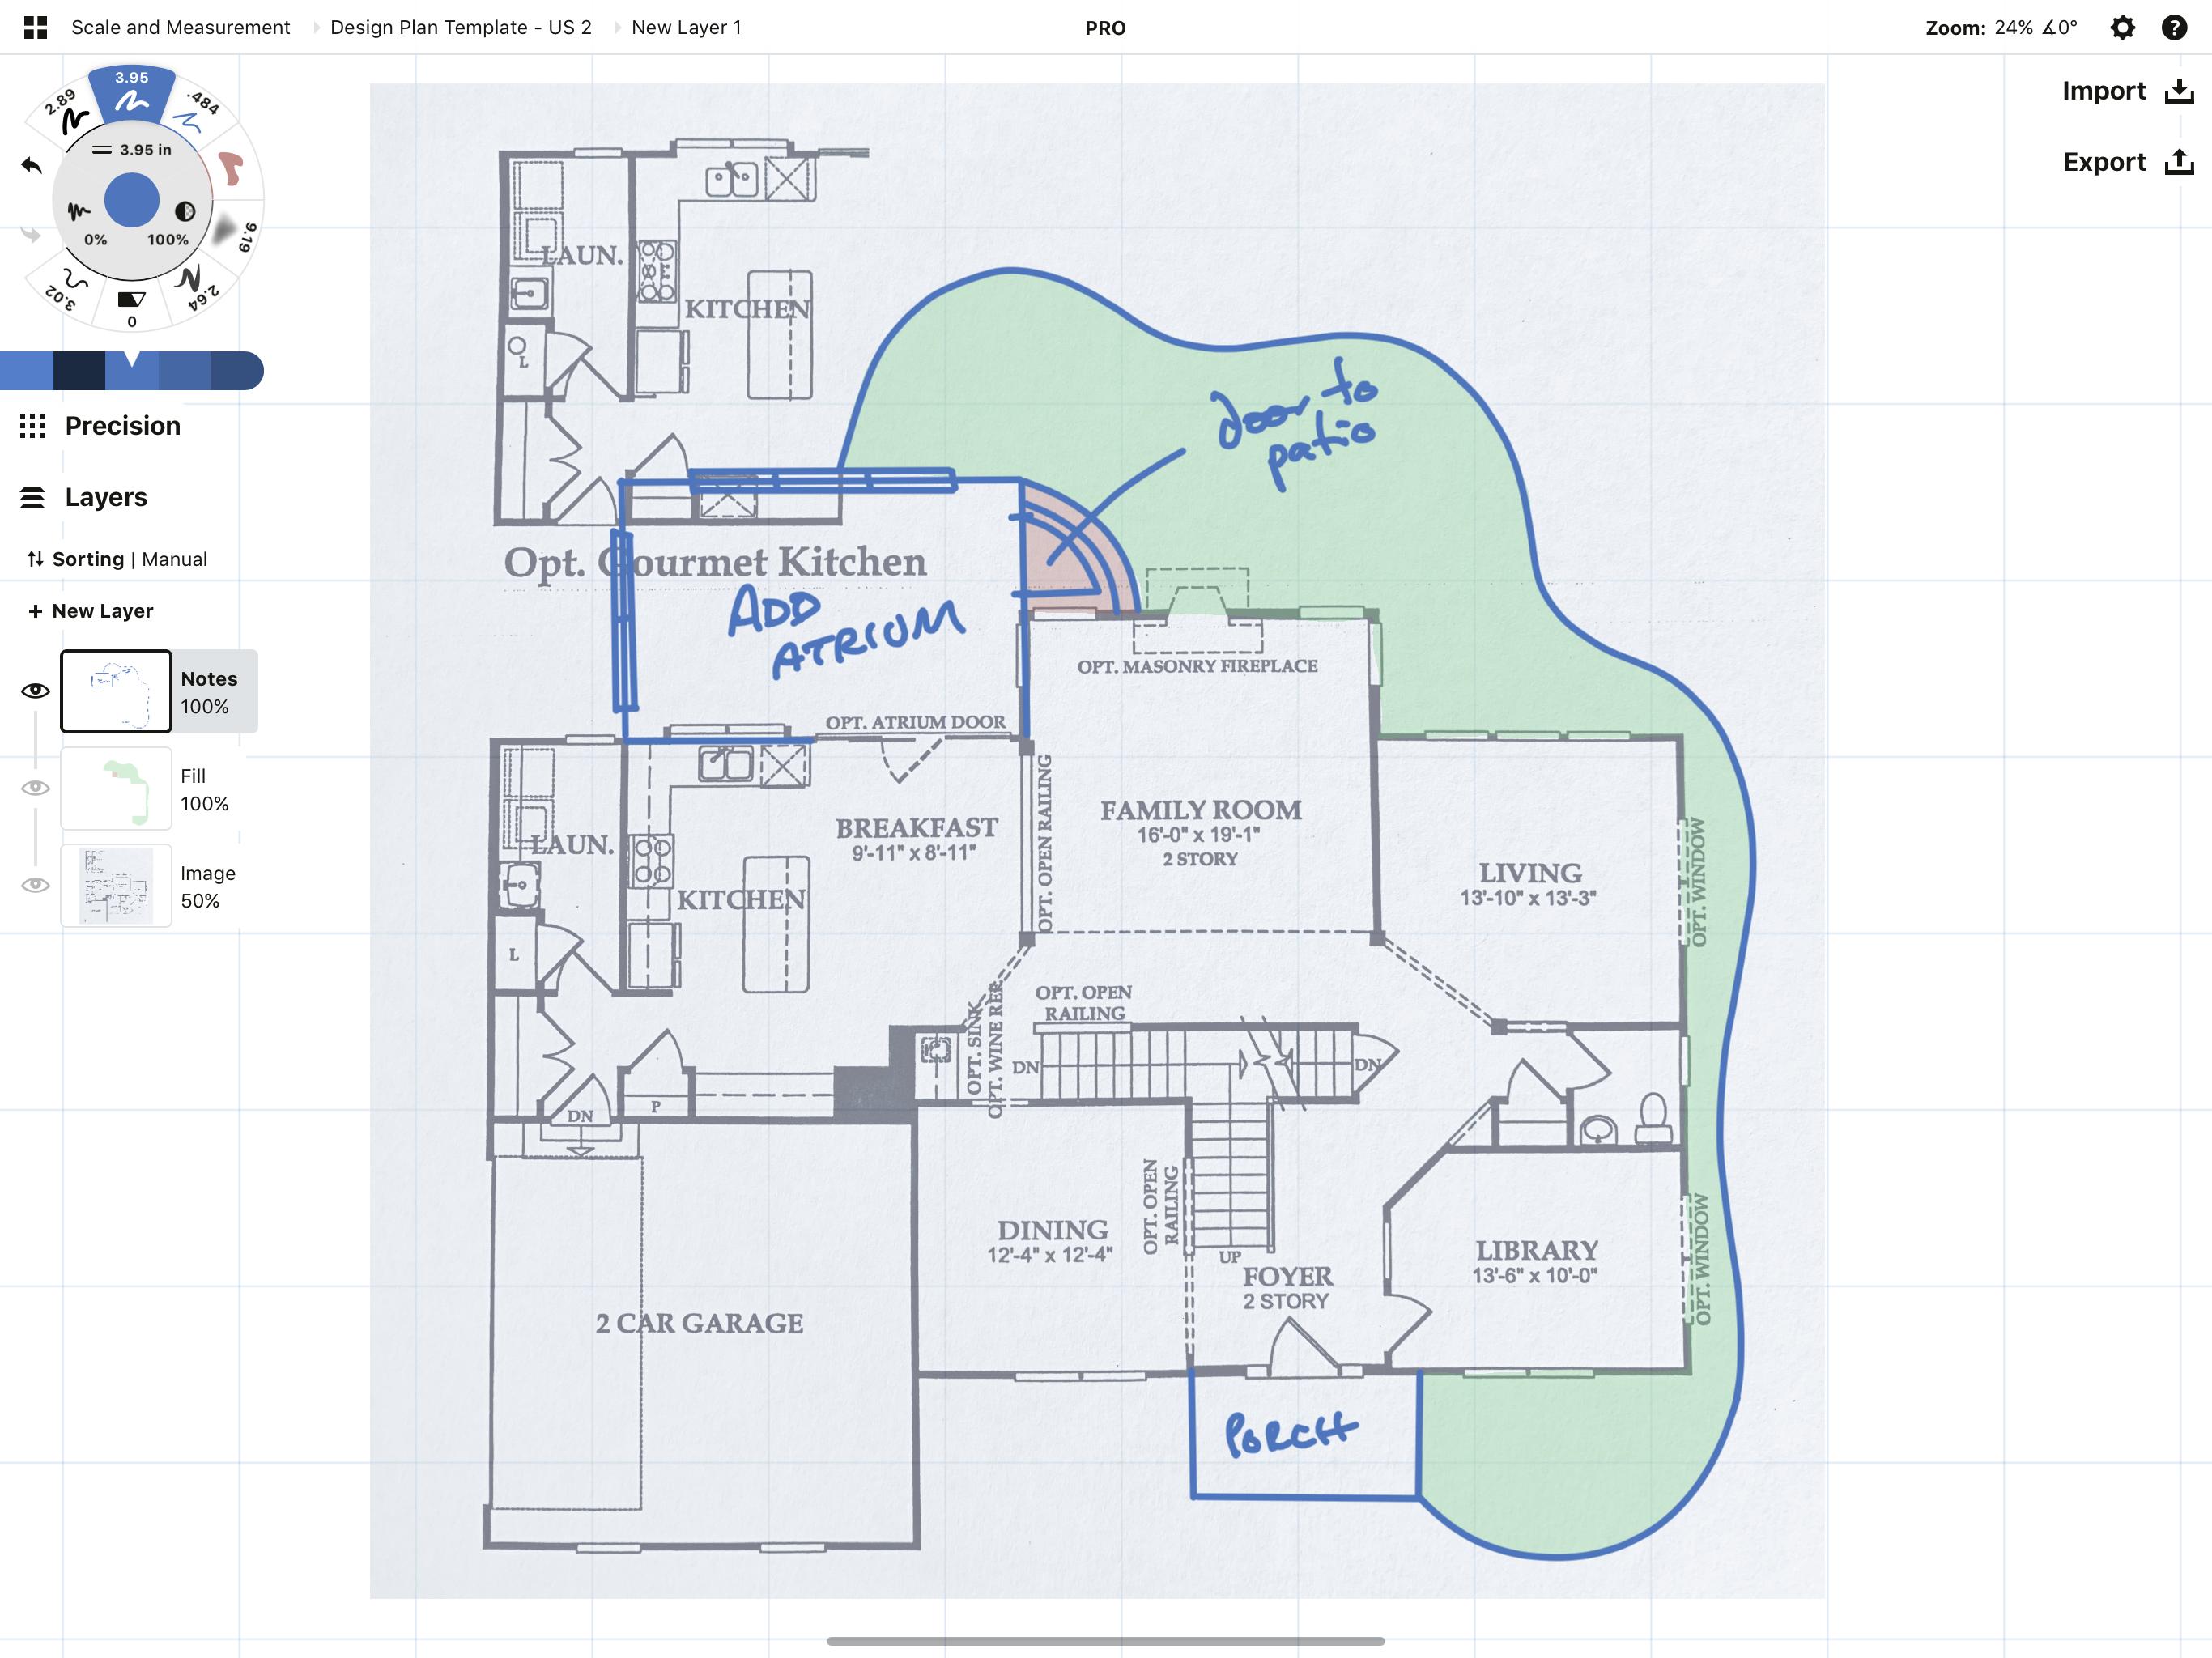 floorplan_markups.PNG